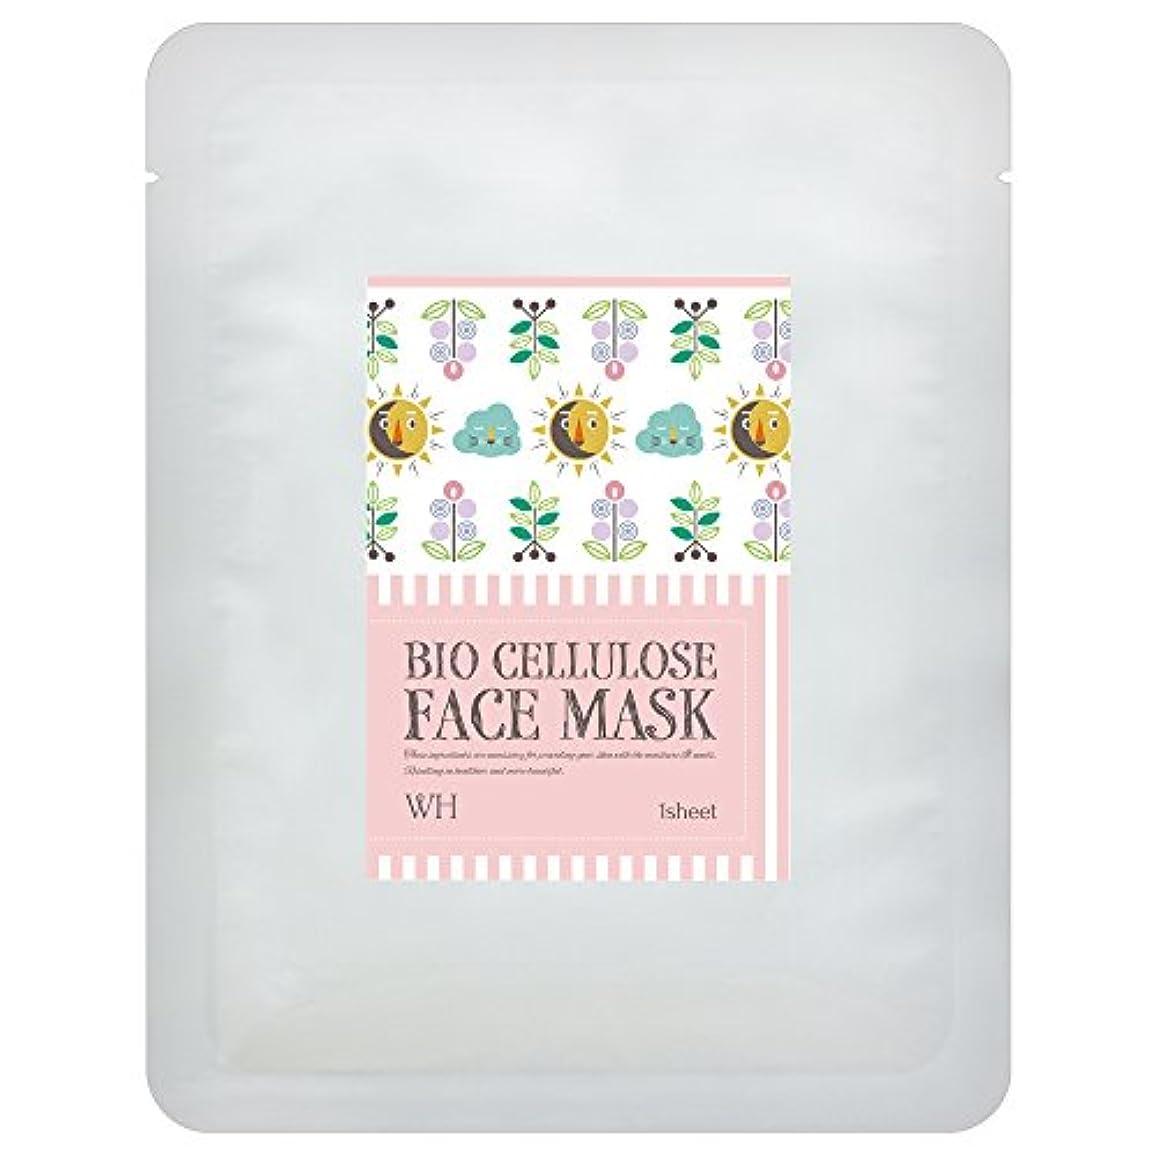 流暢薬剤師遠近法日本製バイオセルロース フェイスマスク WH(輝白系) 1枚